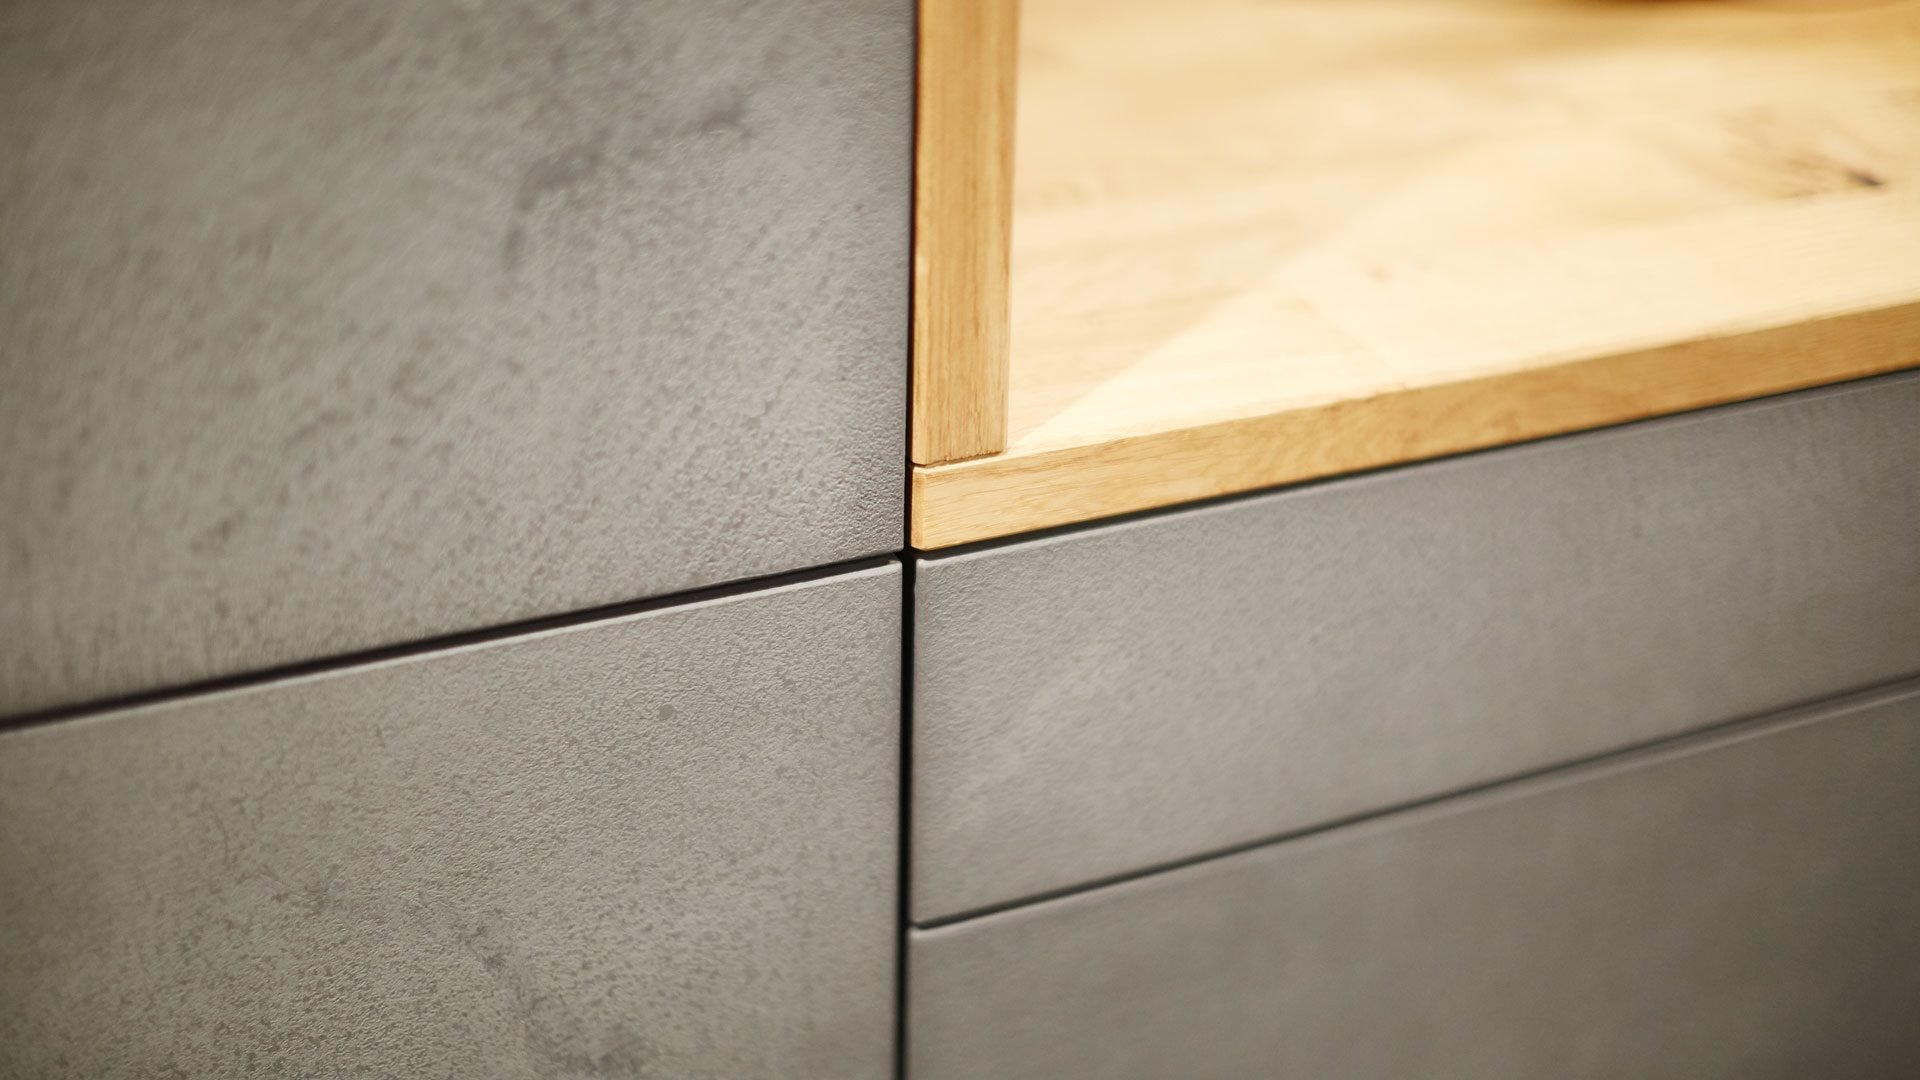 Jedná se o kuchyňskou linku v minimalistickém designu. Materiál dvířekje keramická stěrka, která je ručně nanášená na podkladový materiál. Každé…